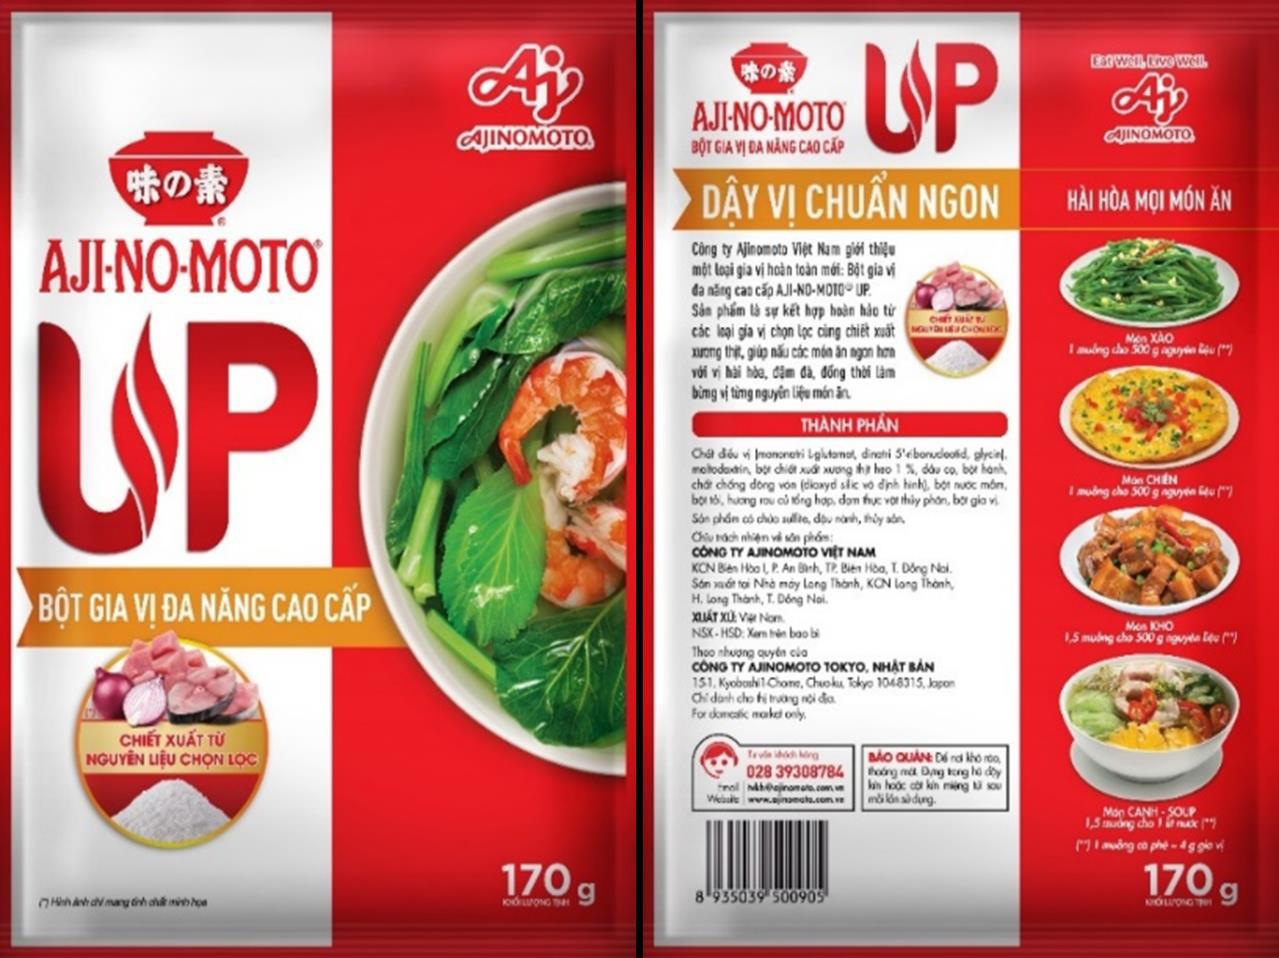 Tận hưởng niềm vui nấu ăn với Bột gia vị đa năng AJI-NO-MOTO® UP - Ảnh 1.